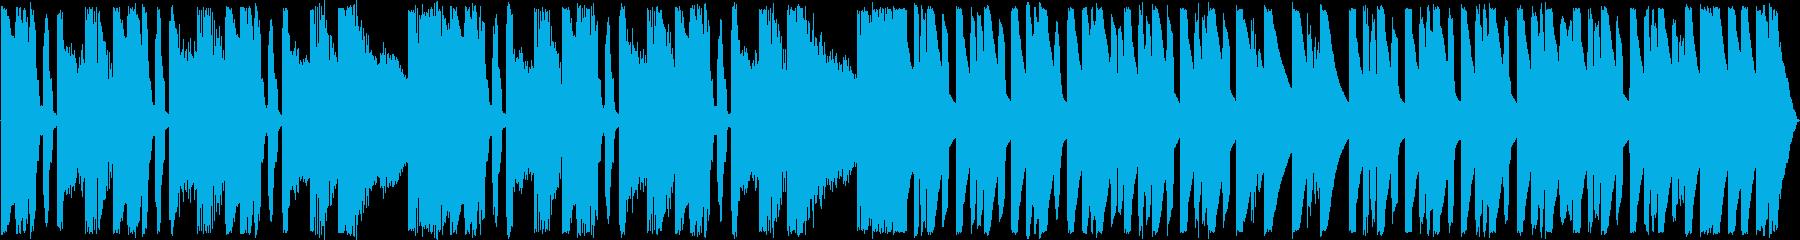 まぬけ・ギャグな雰囲気のダサいBGMの再生済みの波形